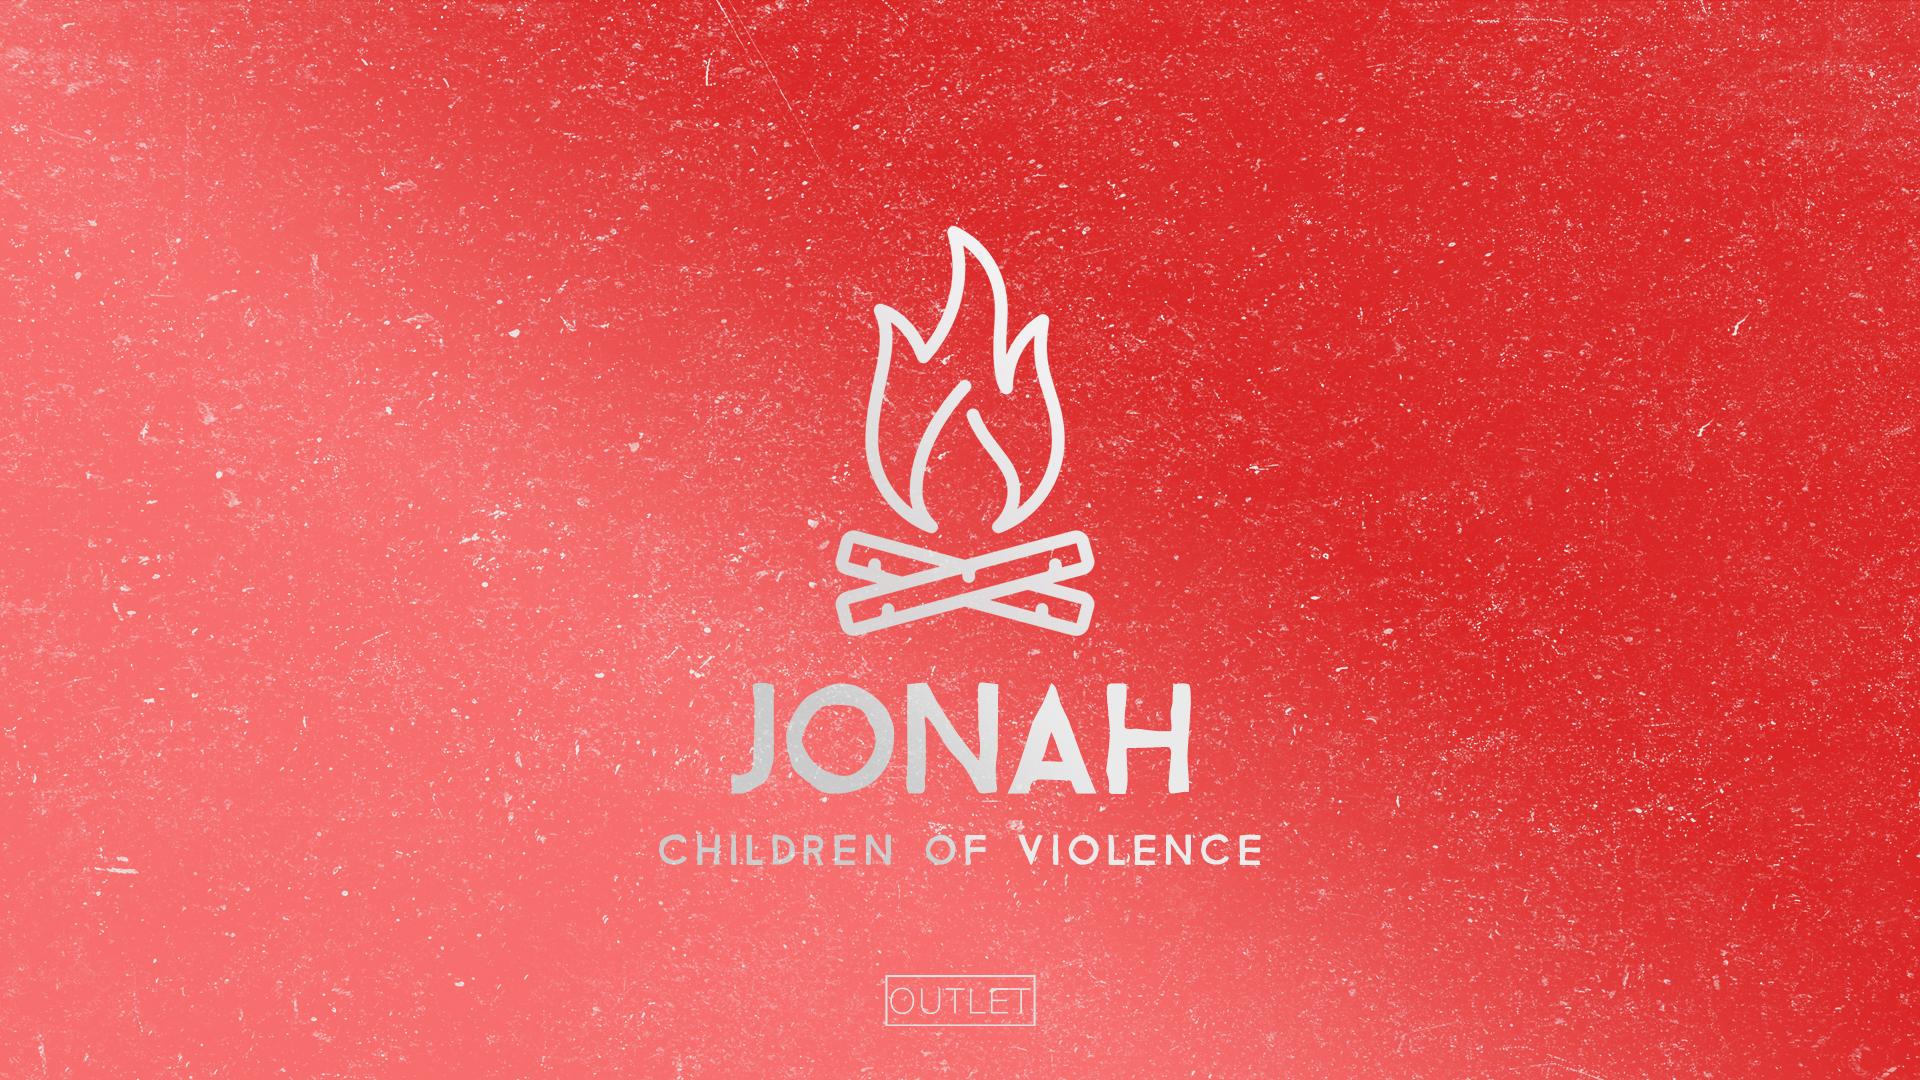 Jonah - Outlet (4).jpg